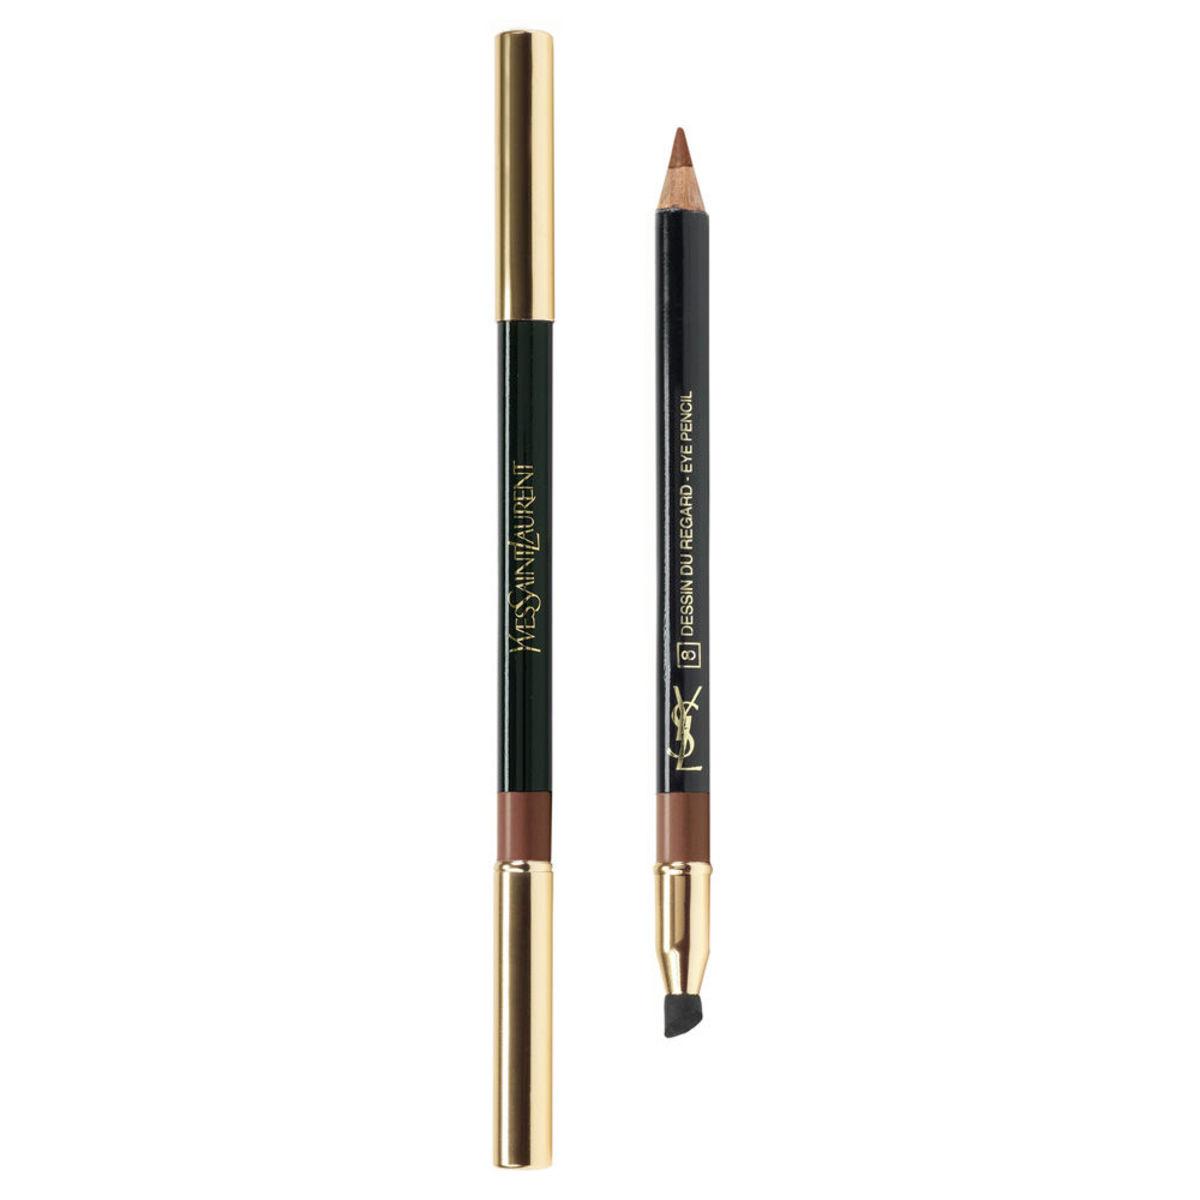 Yves Saint Laurent Dessin du Regard Waterproof Eye Pencil in Amber Brown